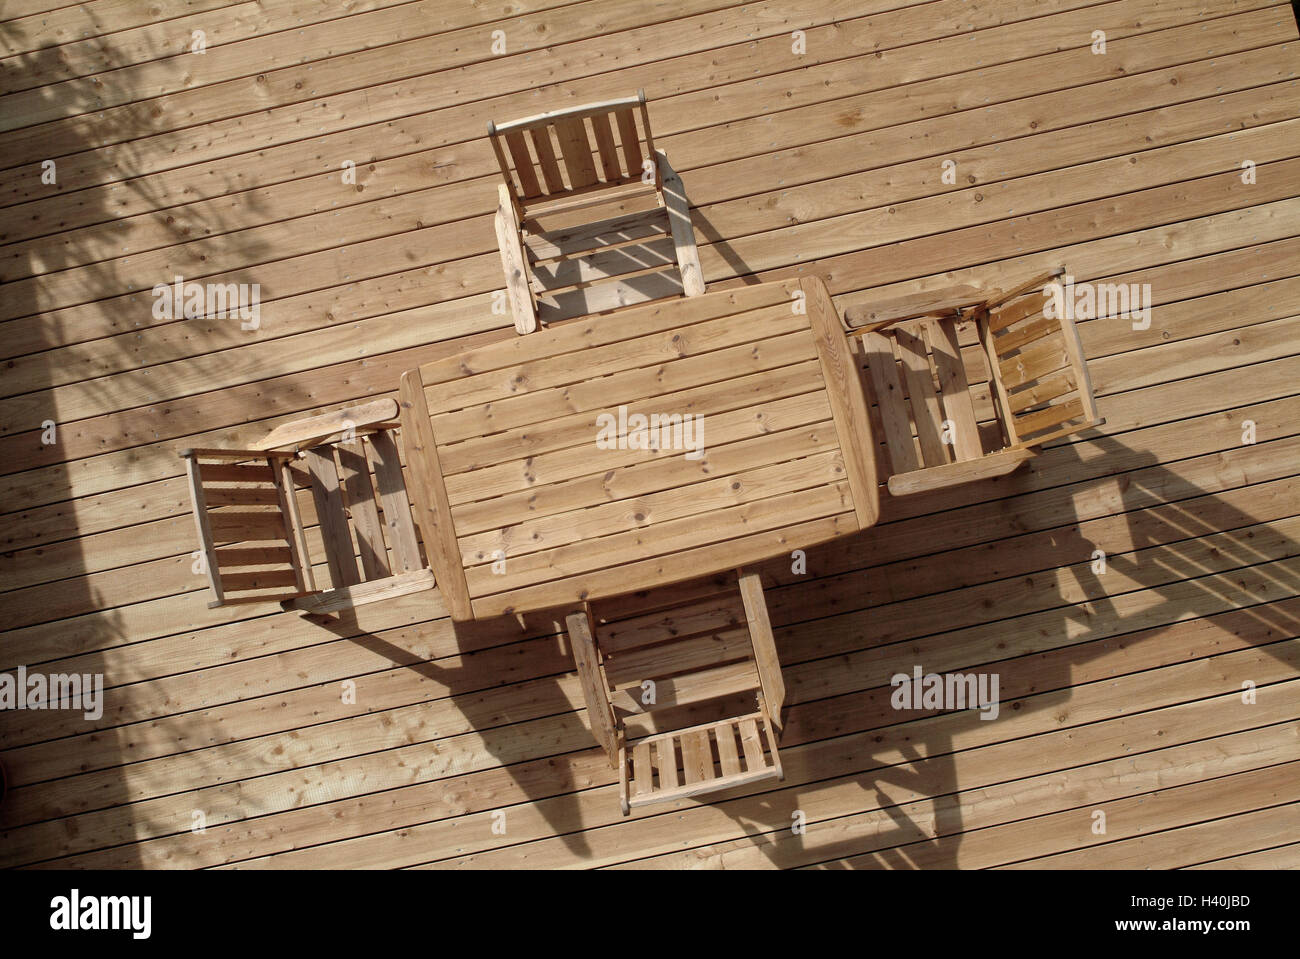 terrasse, holzboden, tisch, stühlen, von oben beplankung boden